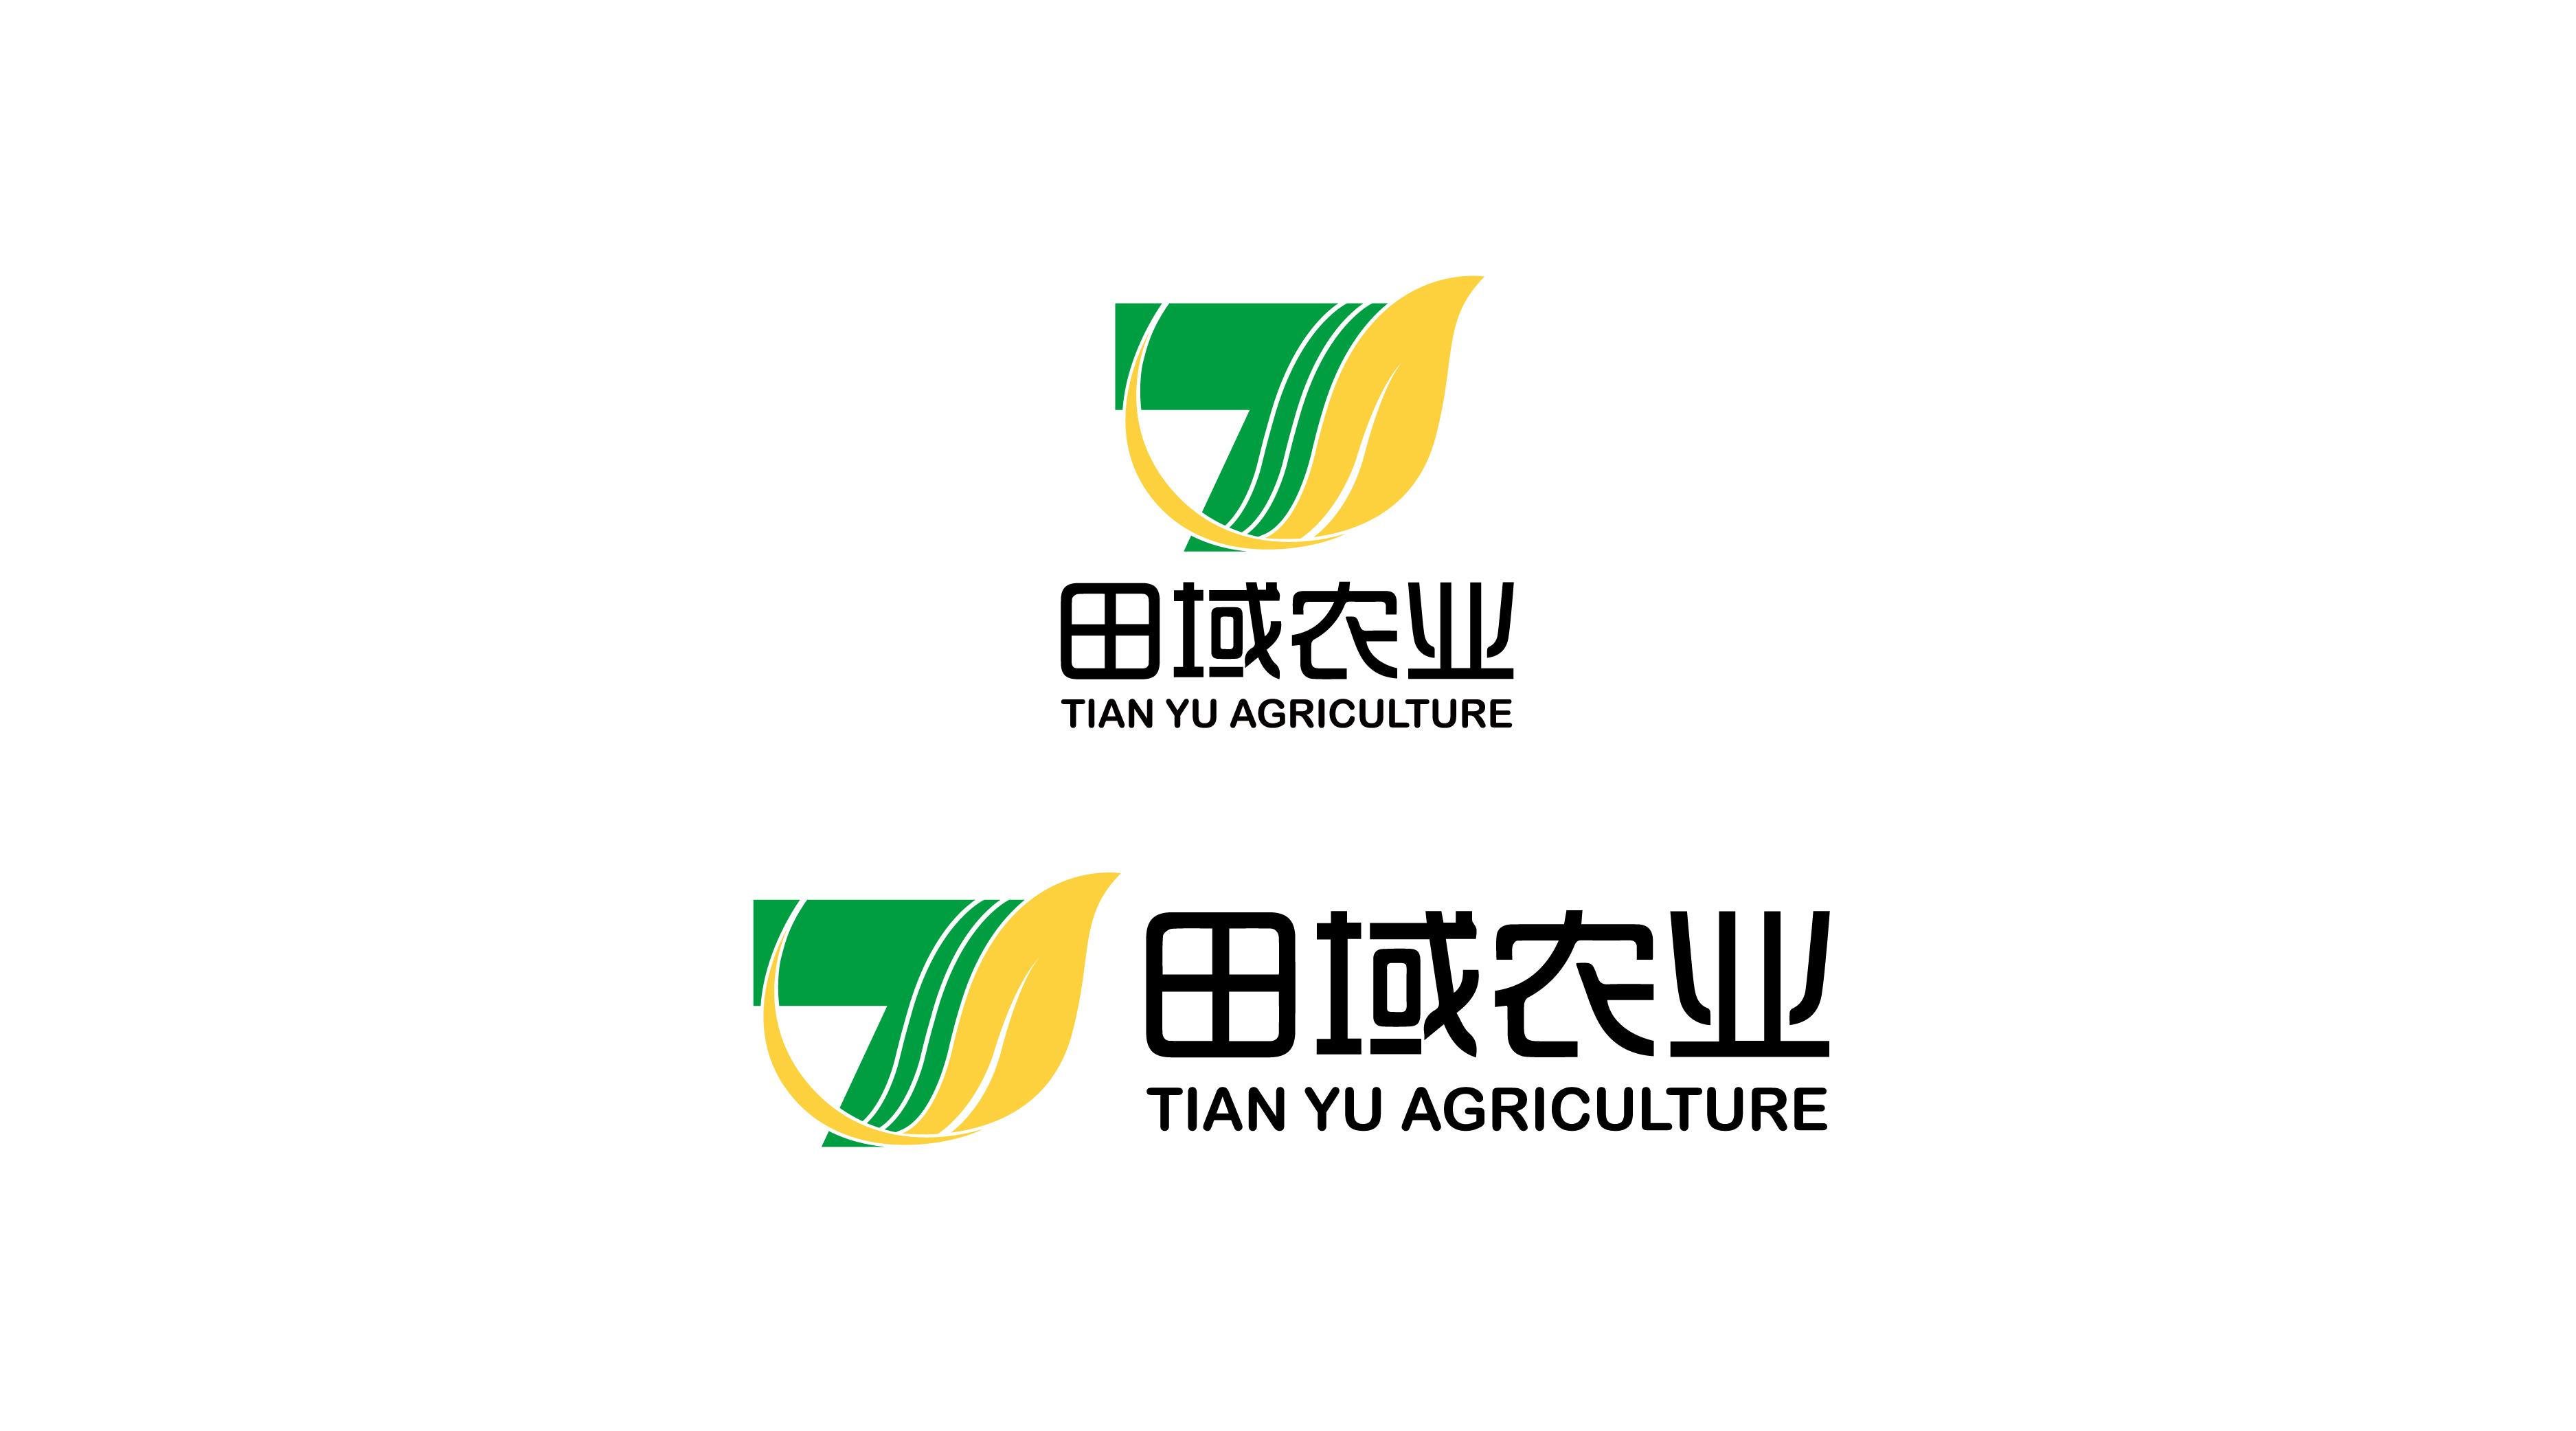 田域农业logo图片